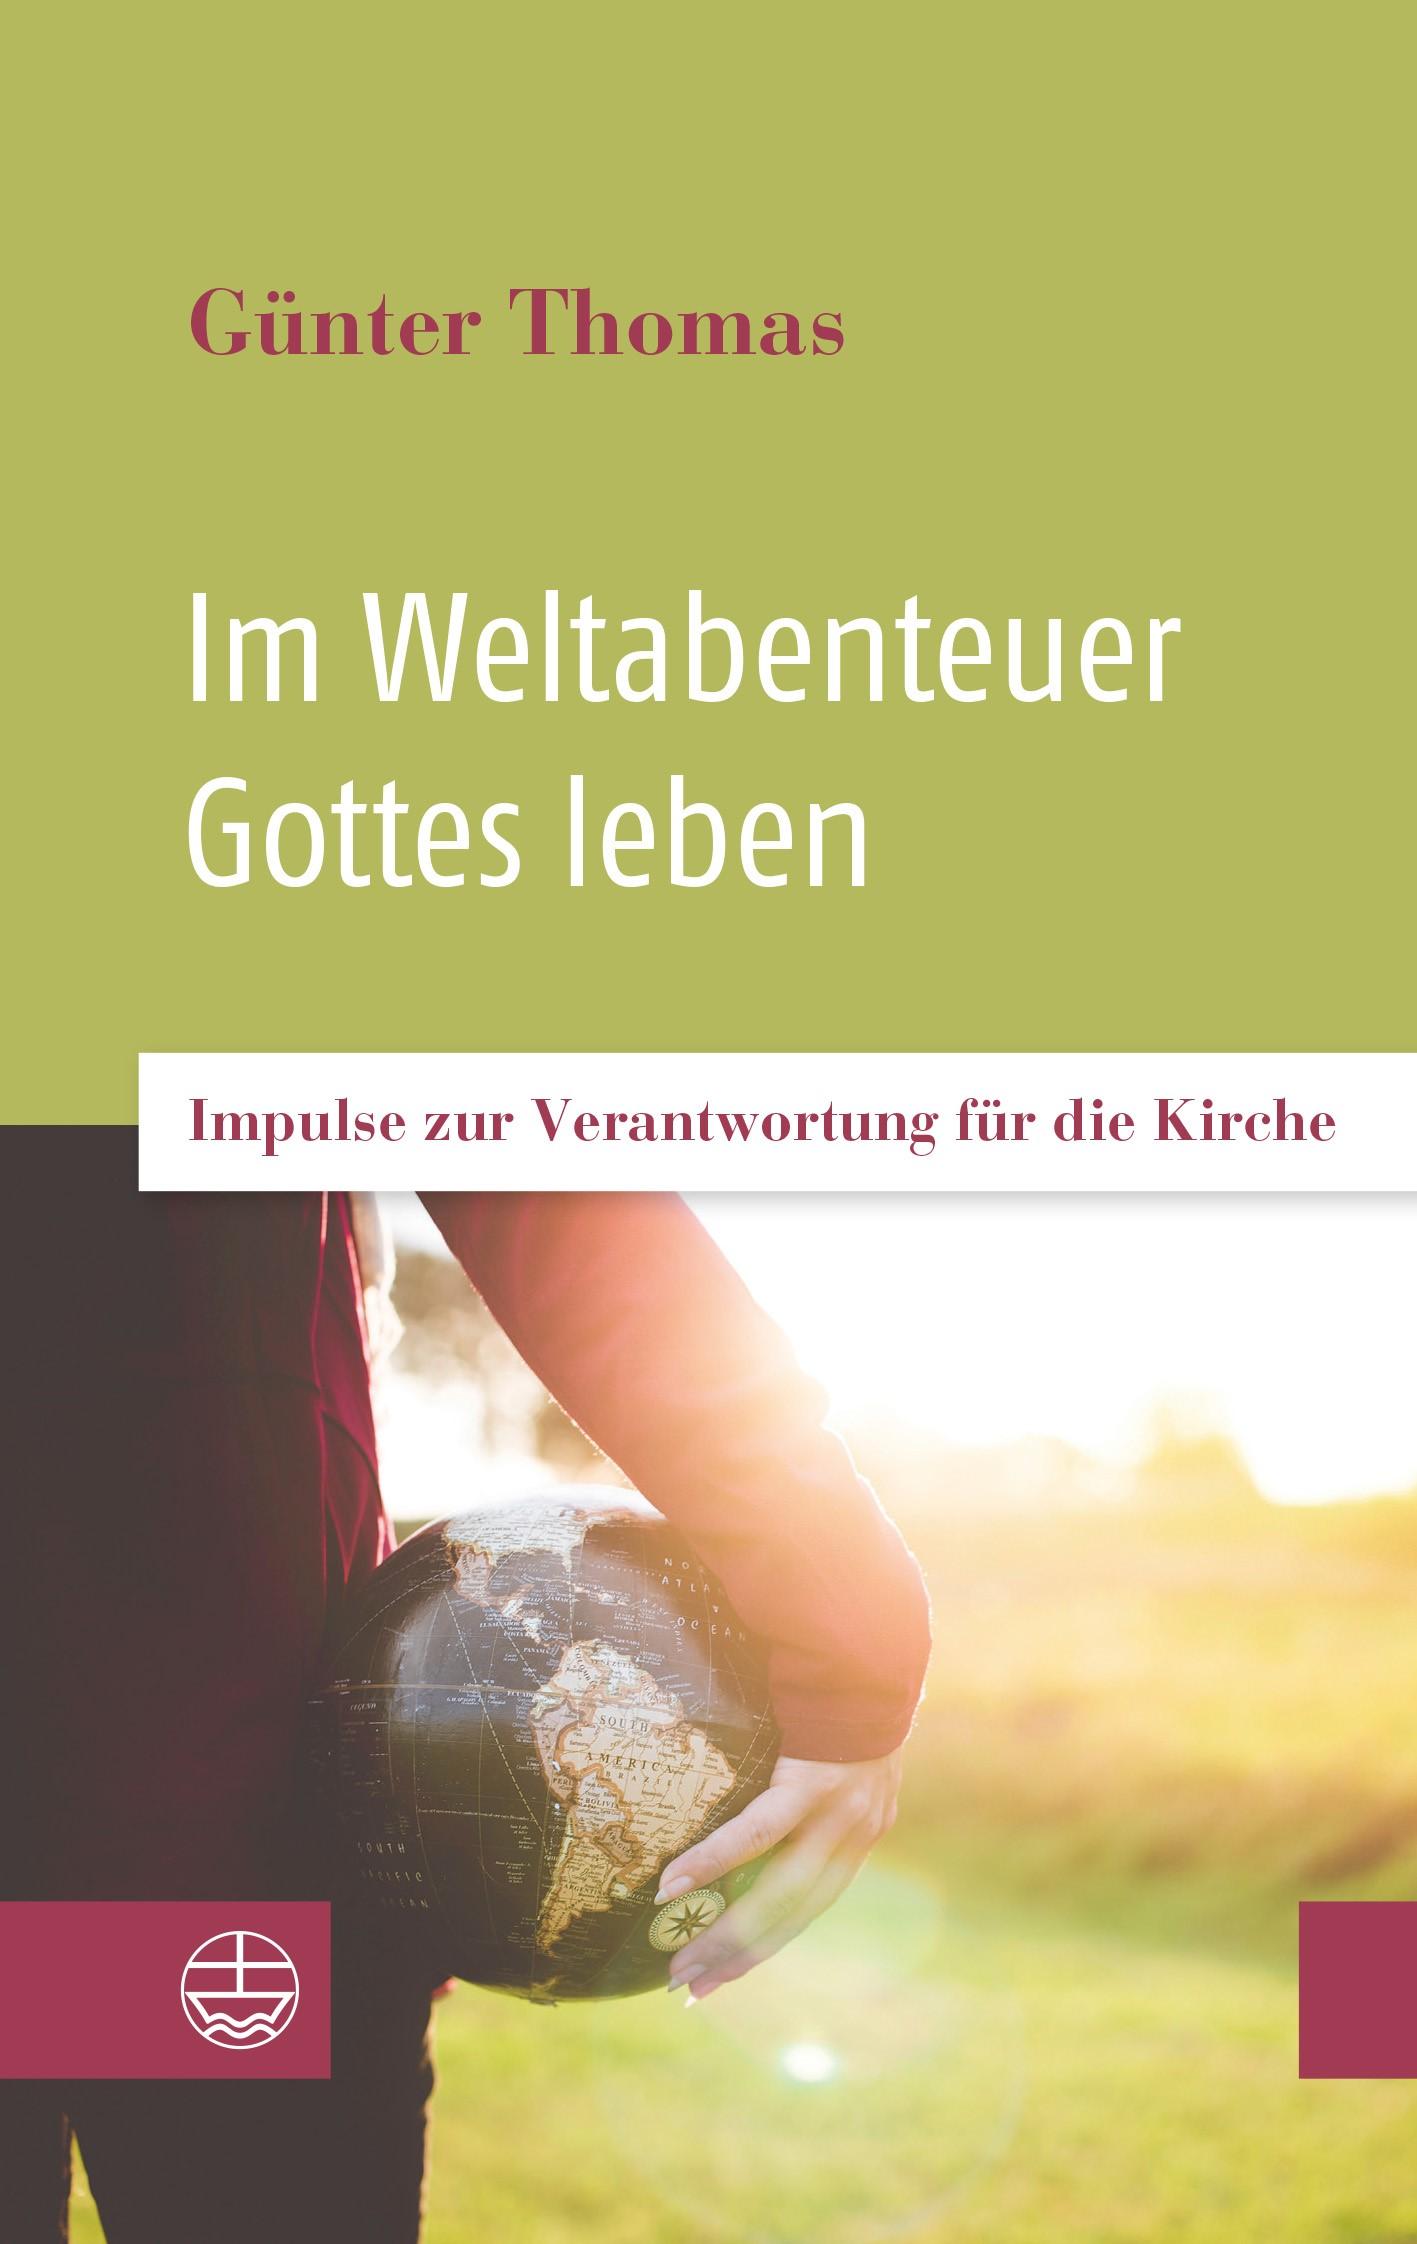 """Günter Thomas: """"Im Weltabenteuer Gottes leben. Impulse zur Verantwortung für die Kirche"""""""